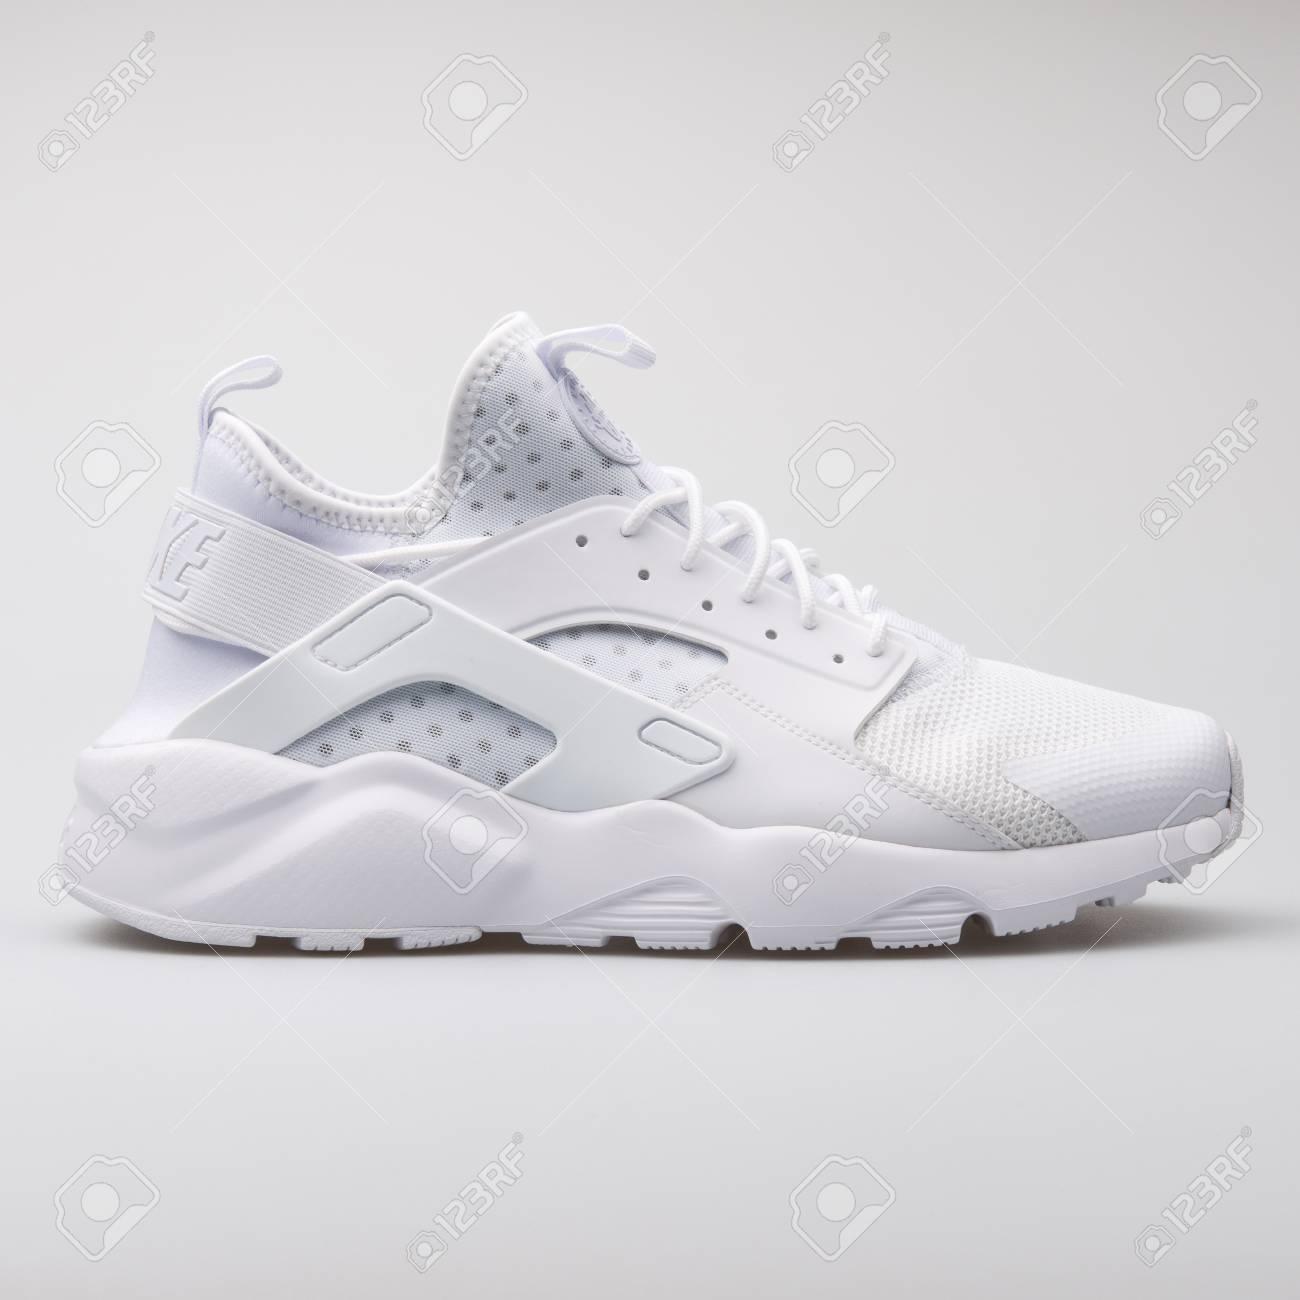 nike huarache ultra white